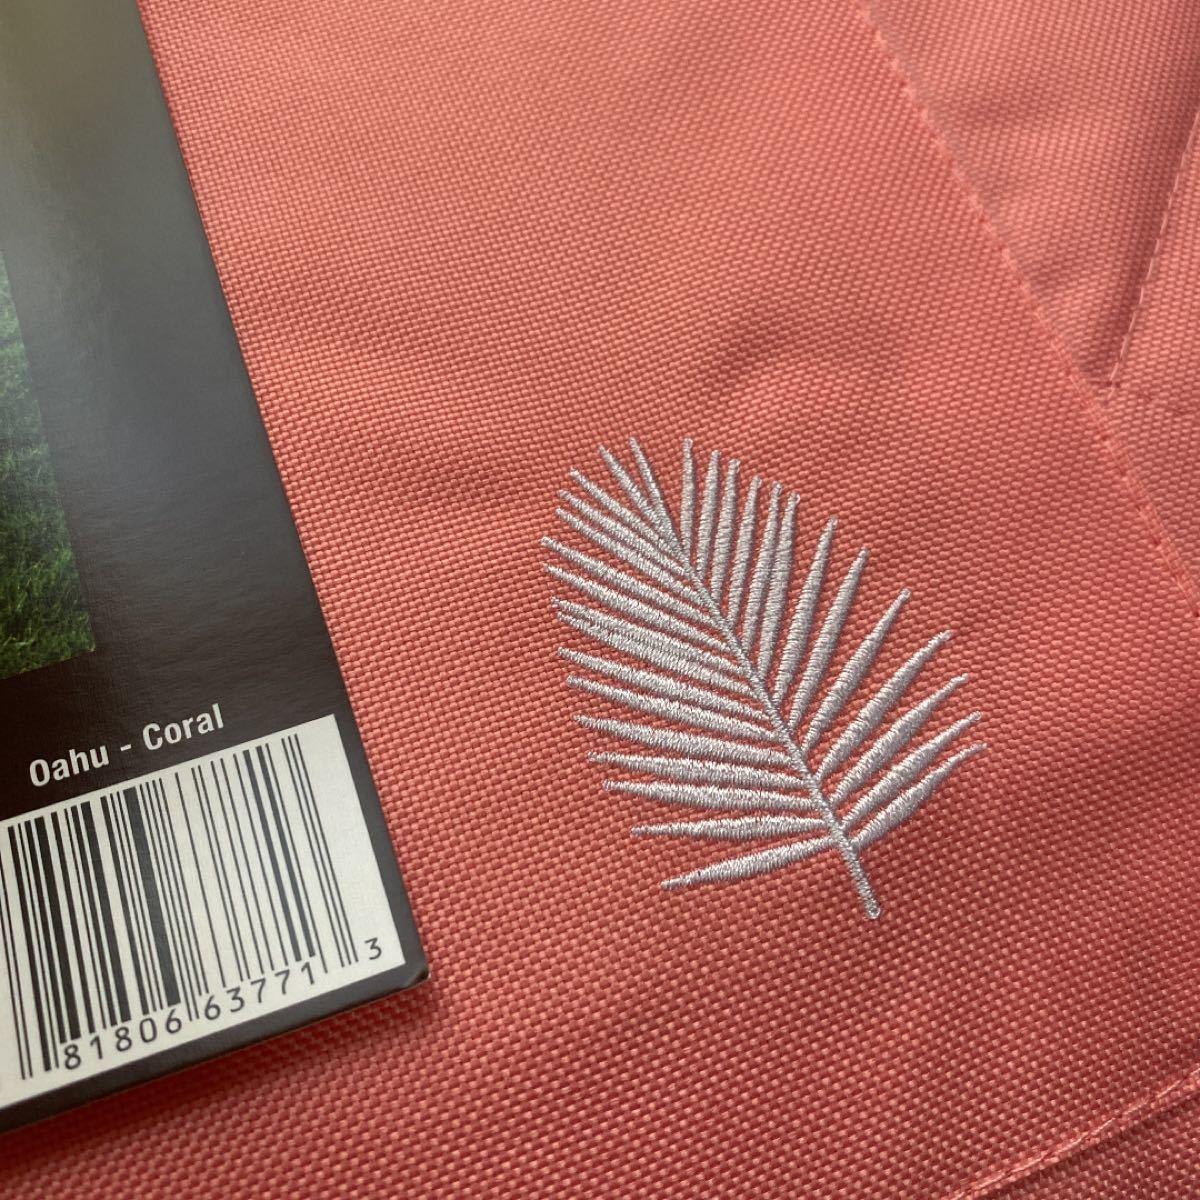 コストコ レジャーマット Parasol レジャーシート アウトドア  洗える アウトドア  花火大会 運動会 遠足